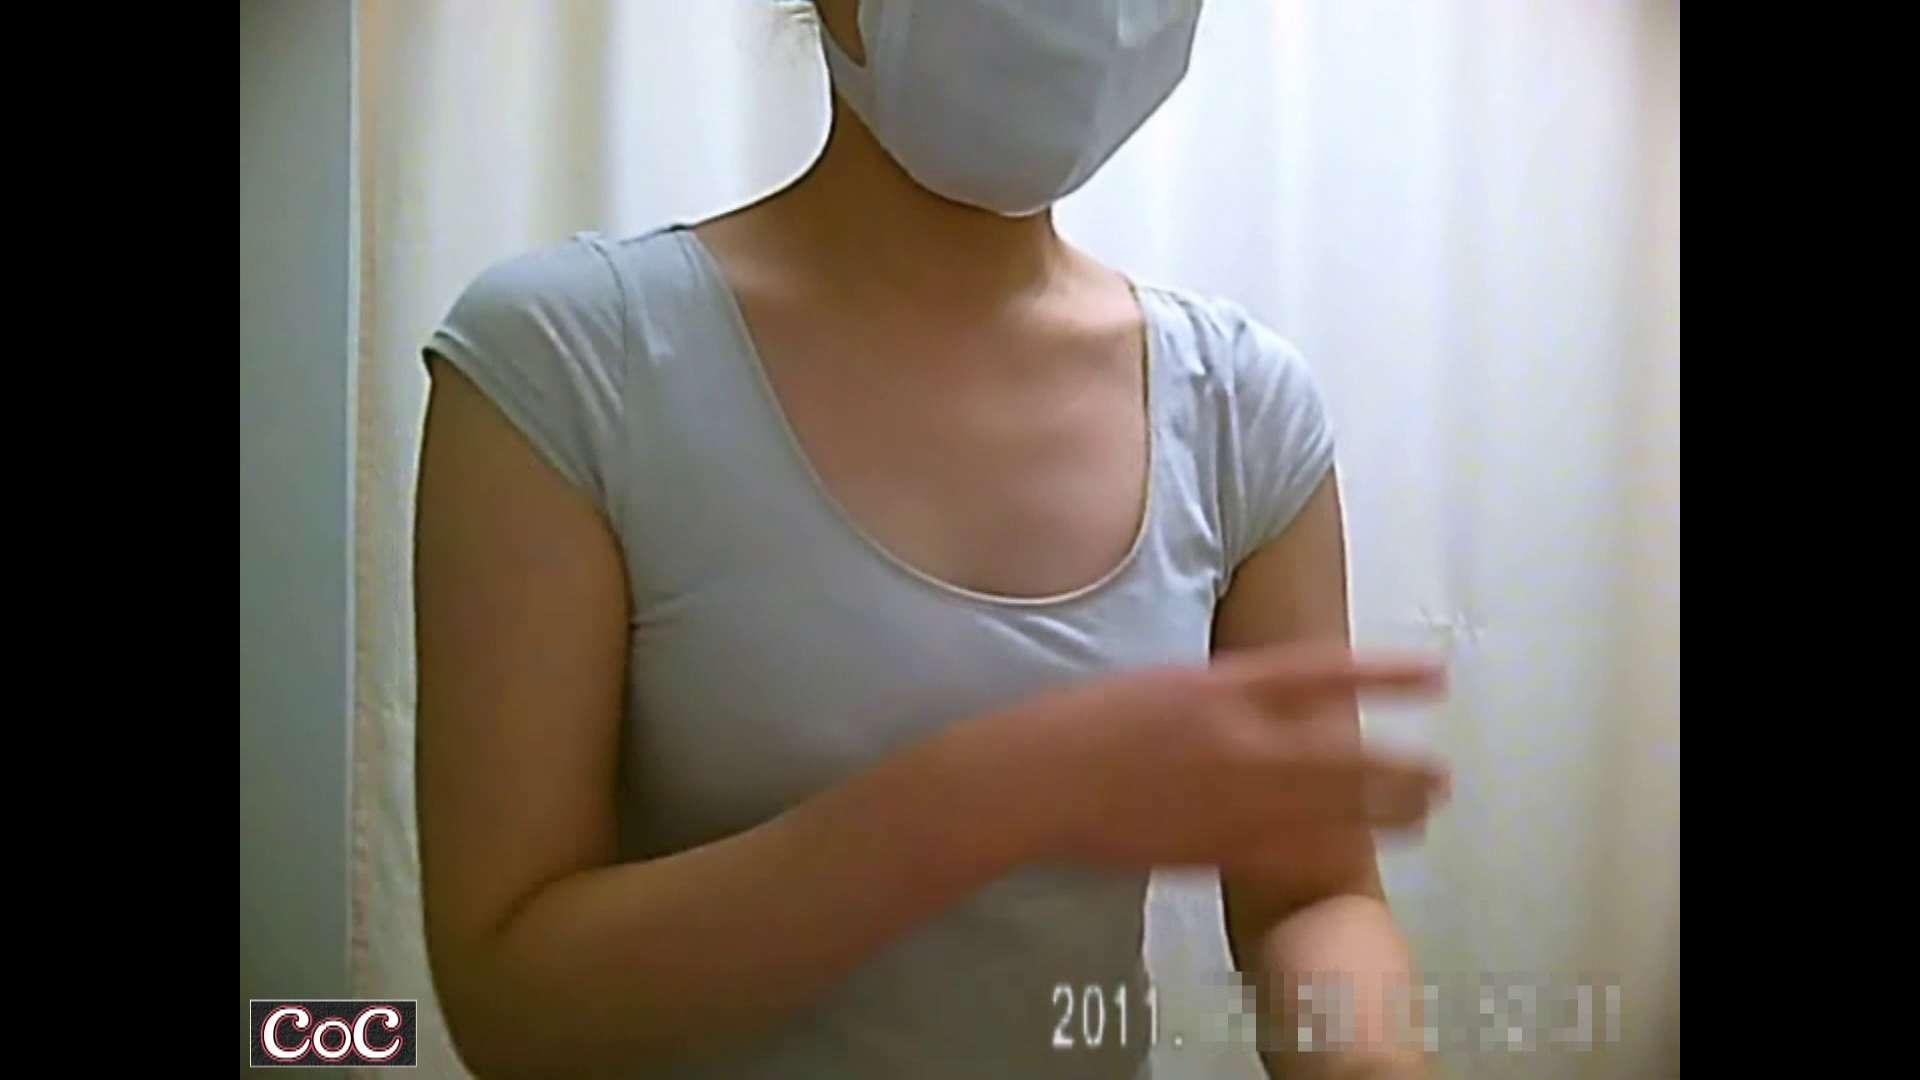 元医者による反抗 更衣室地獄絵巻 vol.165 OL   0  77連発 48